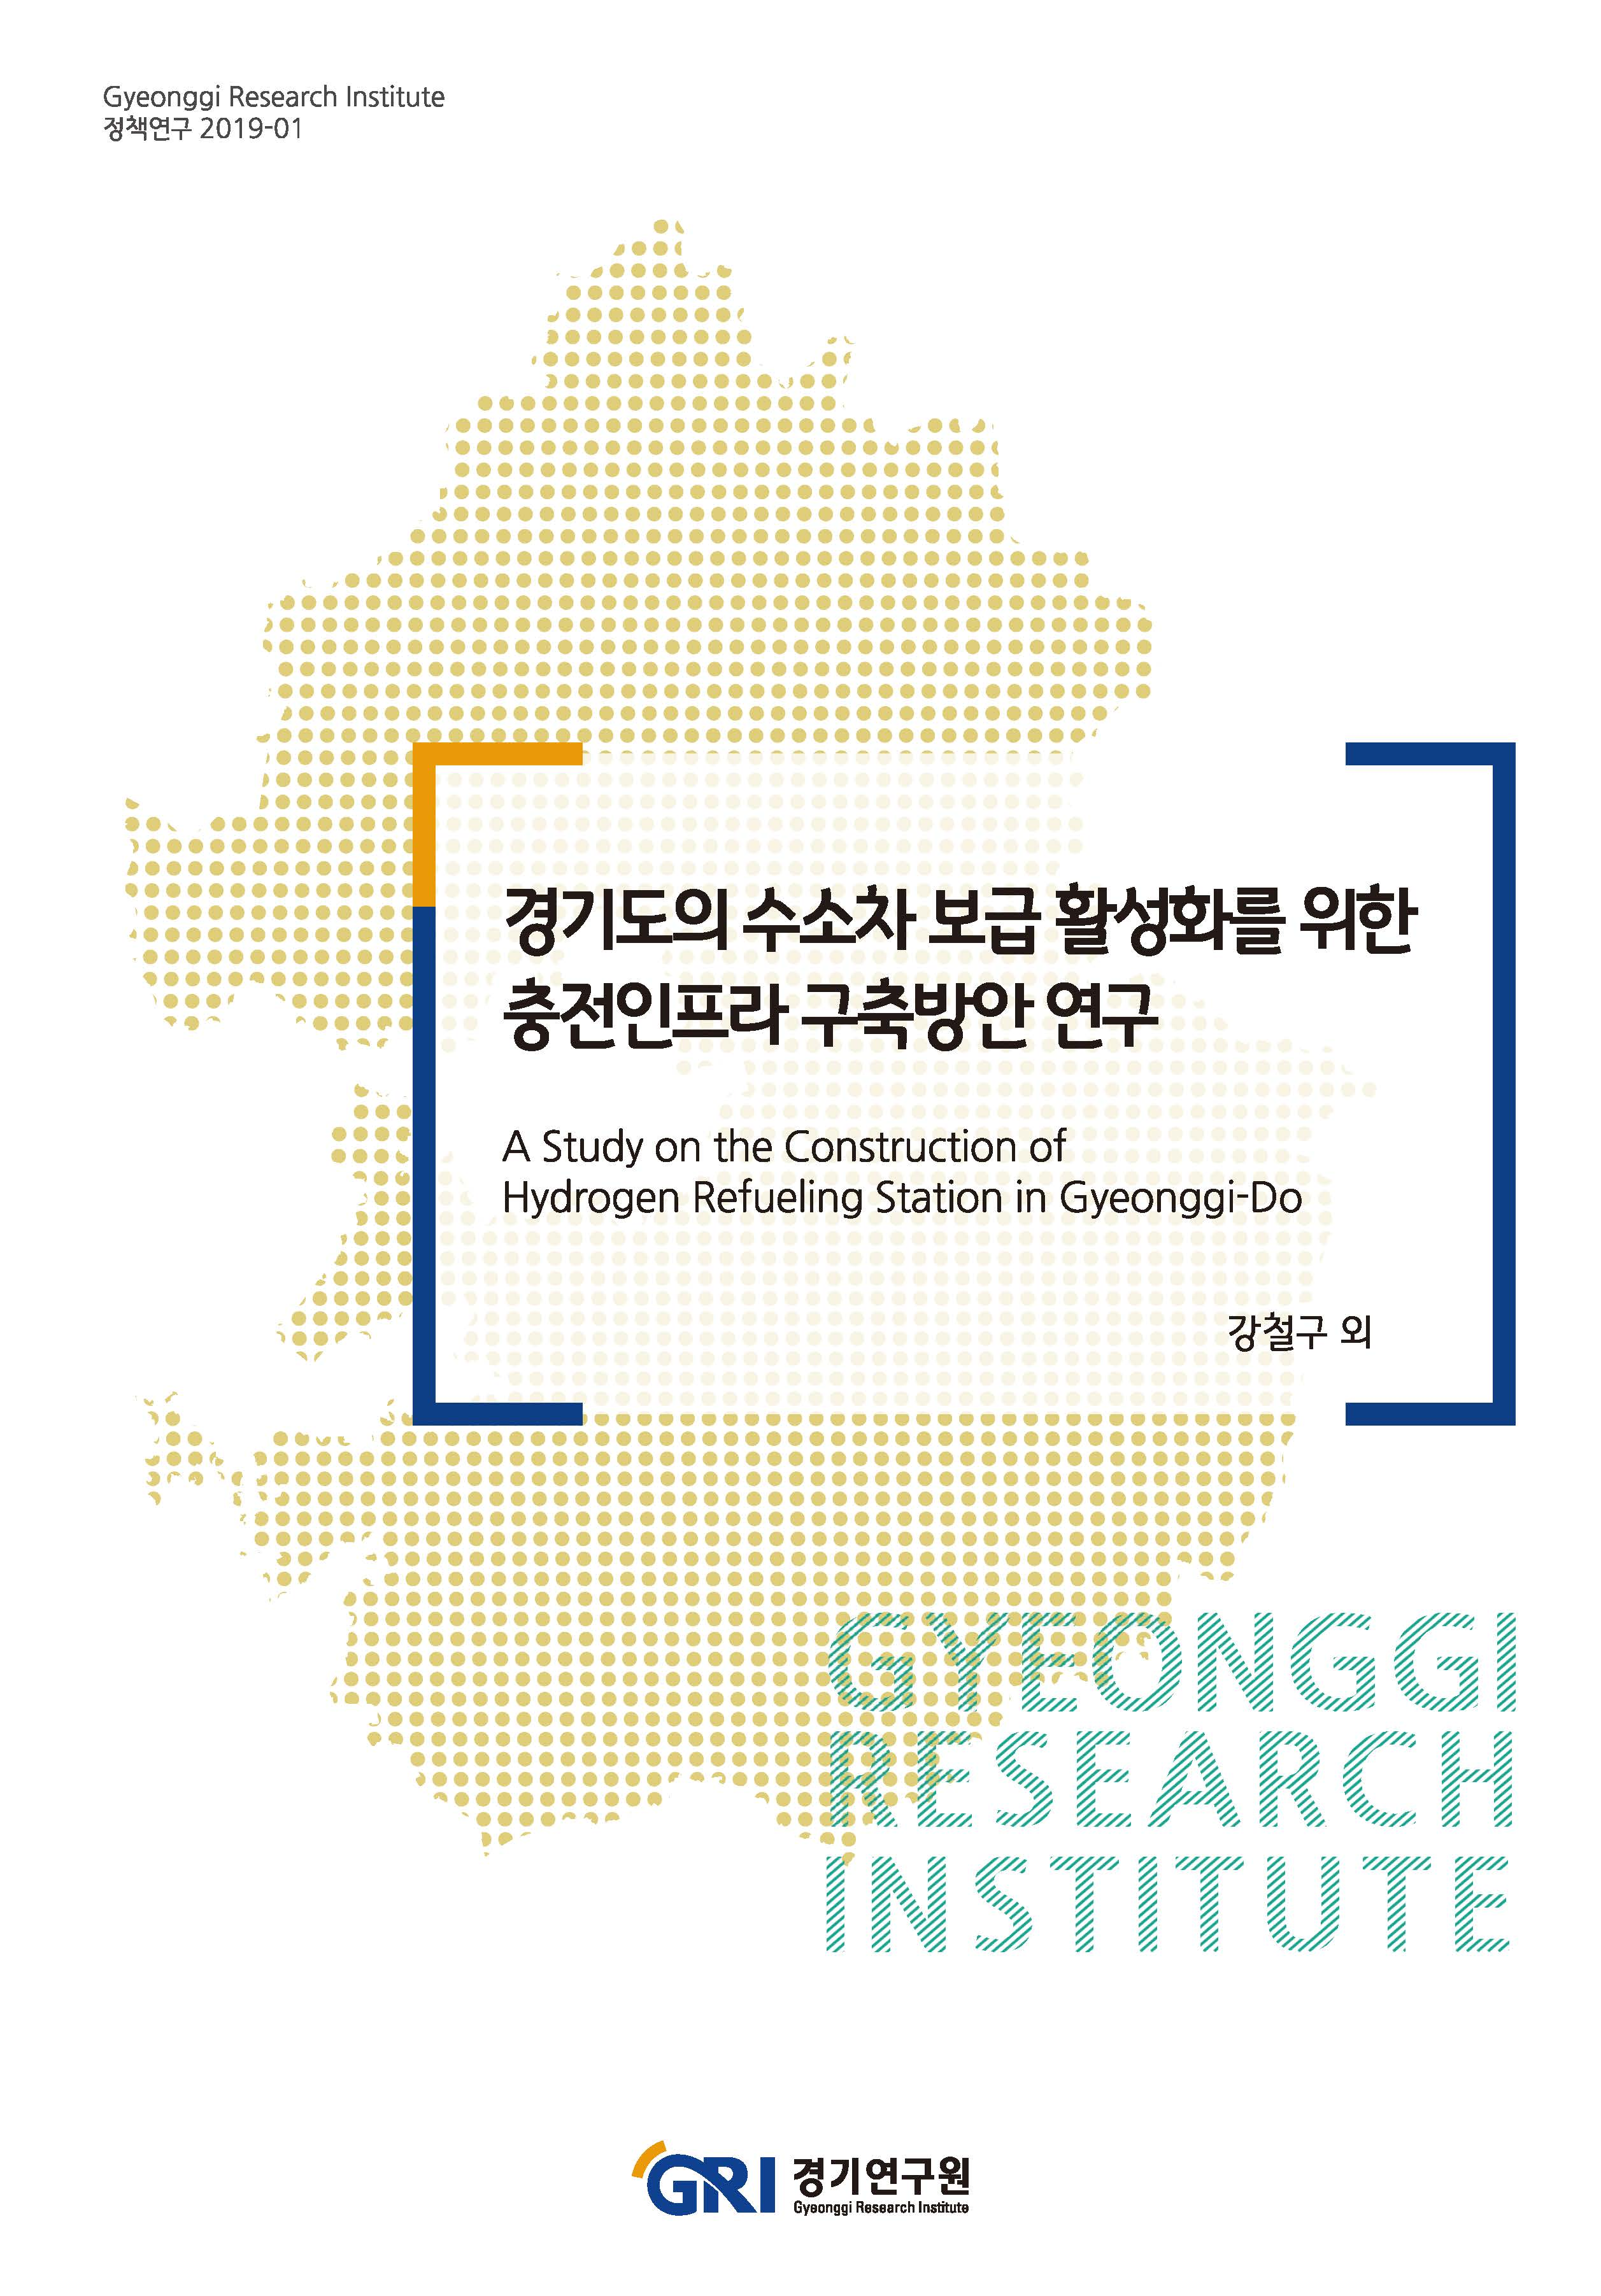 경기도의 수소차 보급 활성화를 위한 충전인프라 구축방안 연구